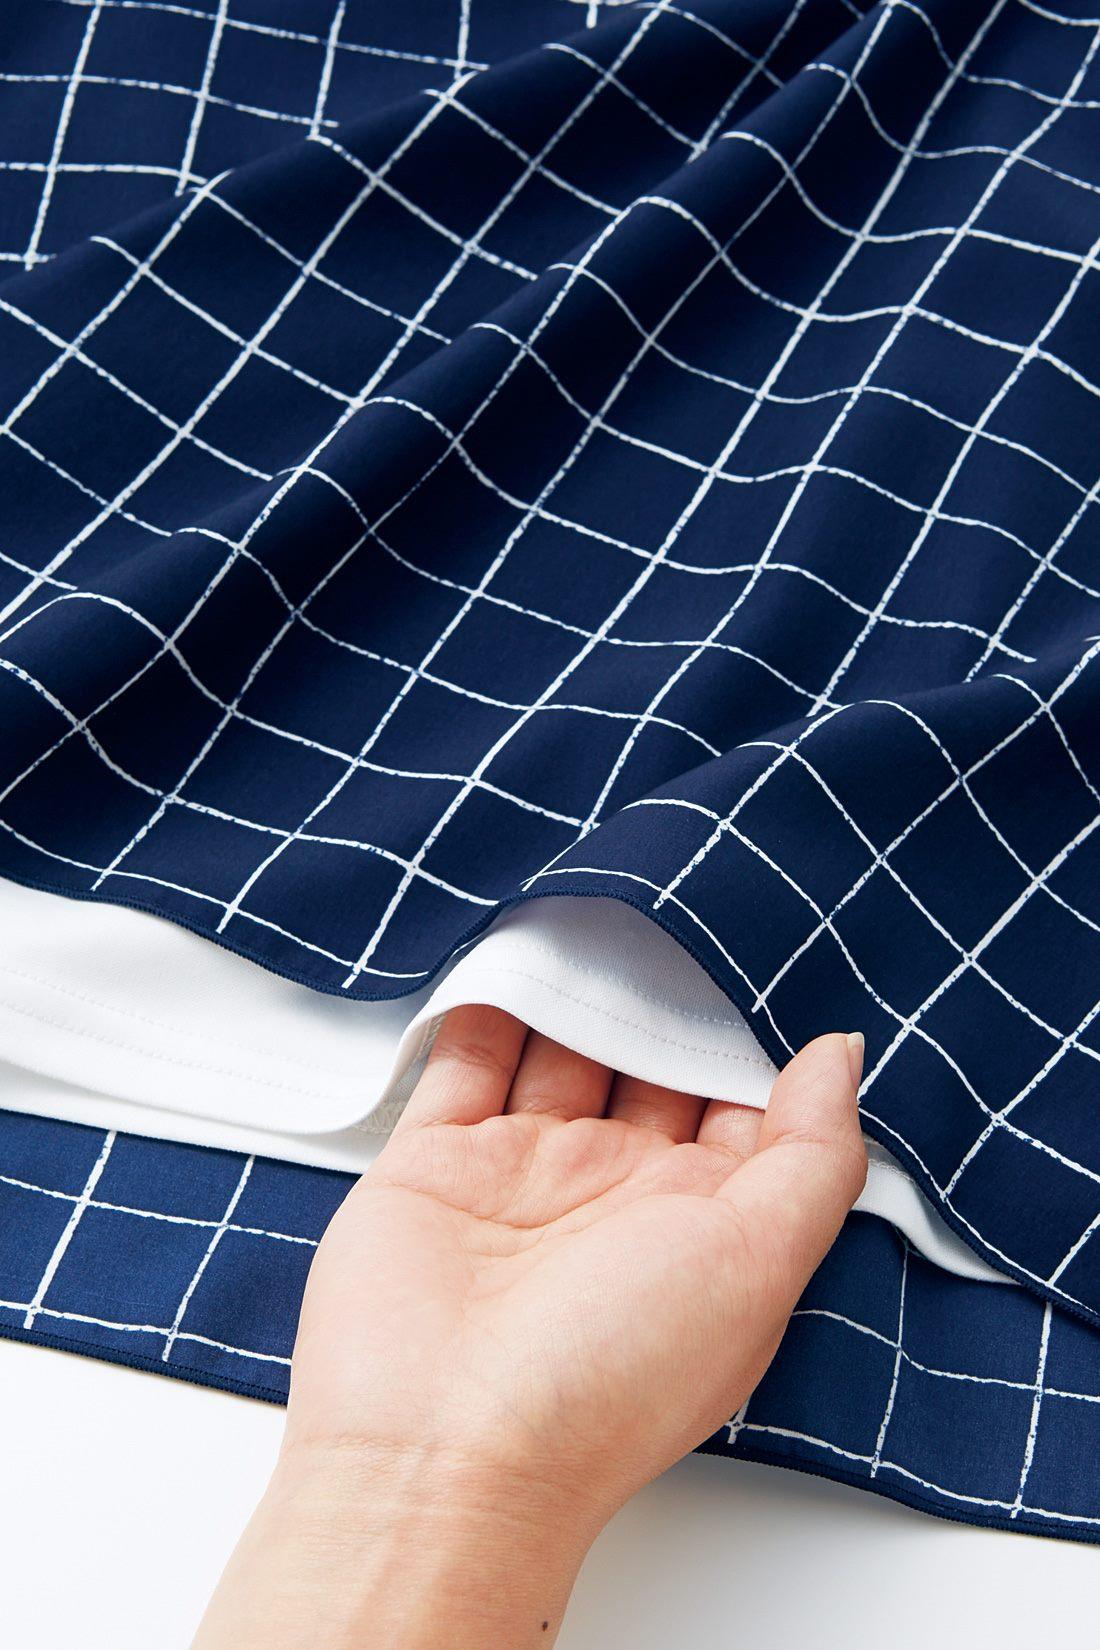 身ごろ内側にはカットソーをドッキング。二枚仕立てでまるでTシャツ級の着心地です。